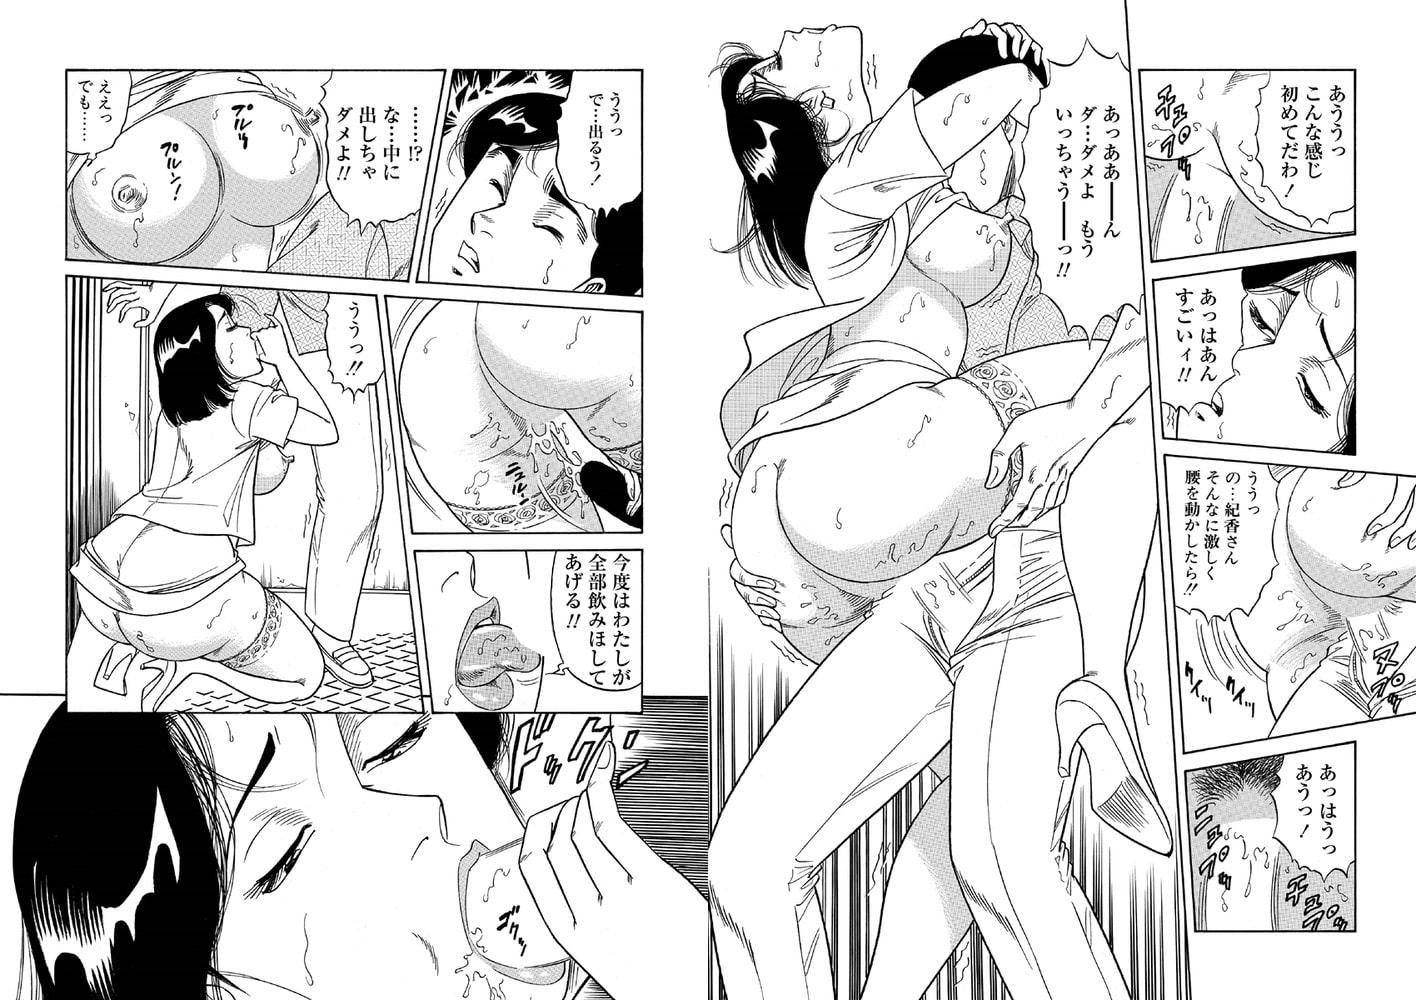 劇画王単行本100冊パック